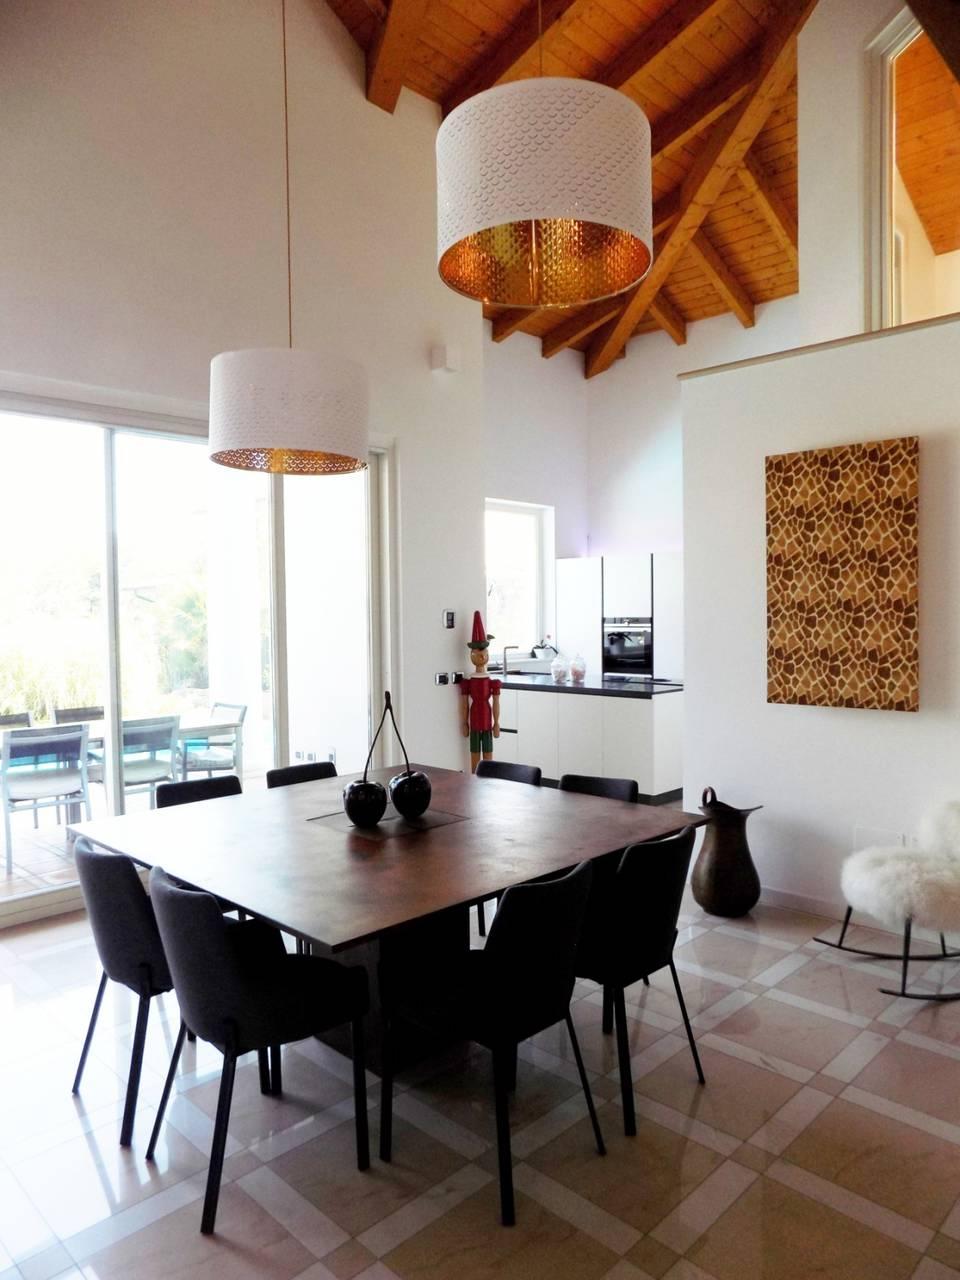 Villa-con-piscina-in-vendita-a-Trezzano-Rosa-22